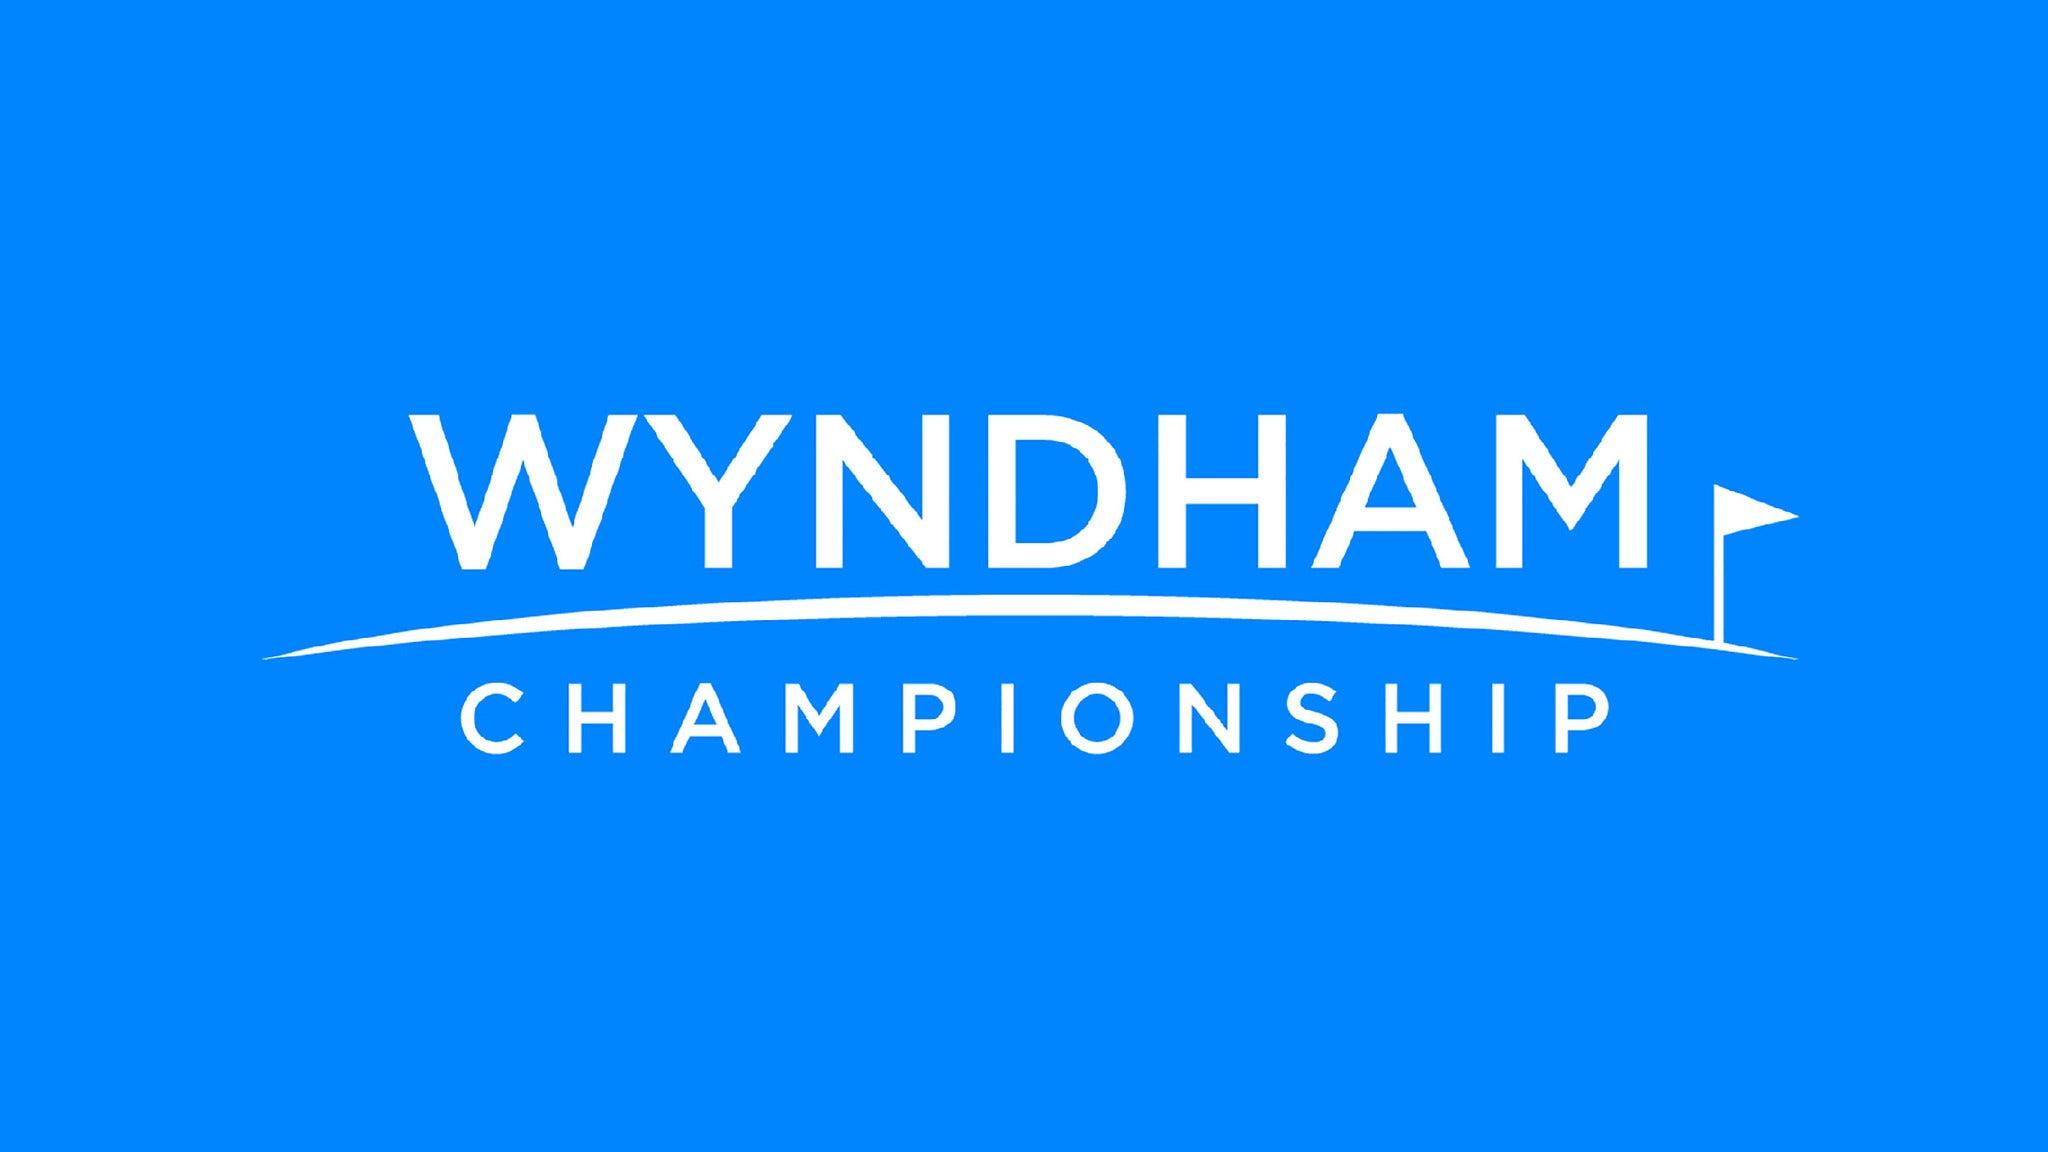 Wyndham Championship Holiday Offer